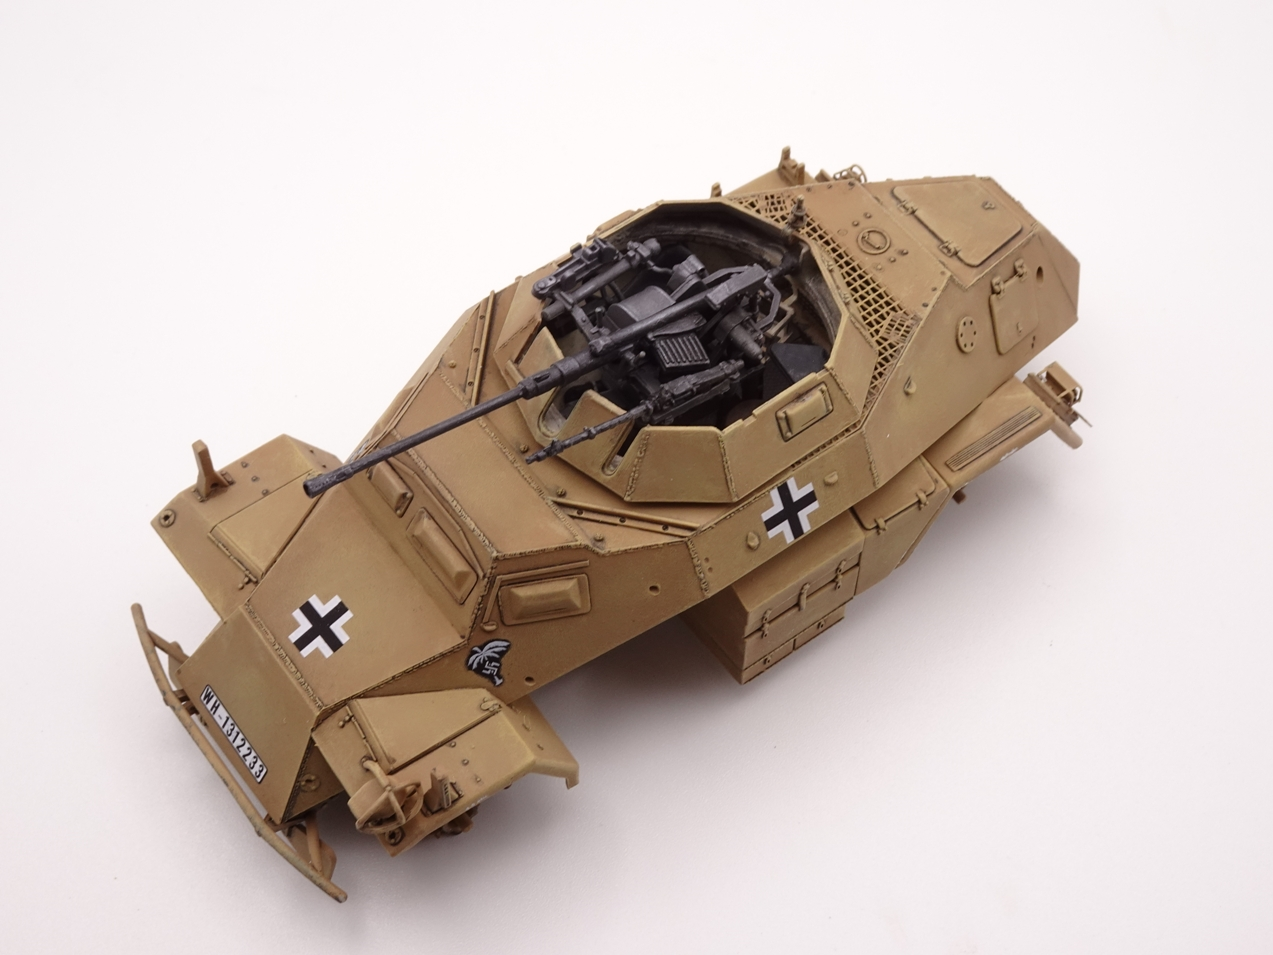 [Hobby Boss 1/35°] Sd.Kfz. 222 Leichter Panzerspähwagen - Page 2 222-3005-5